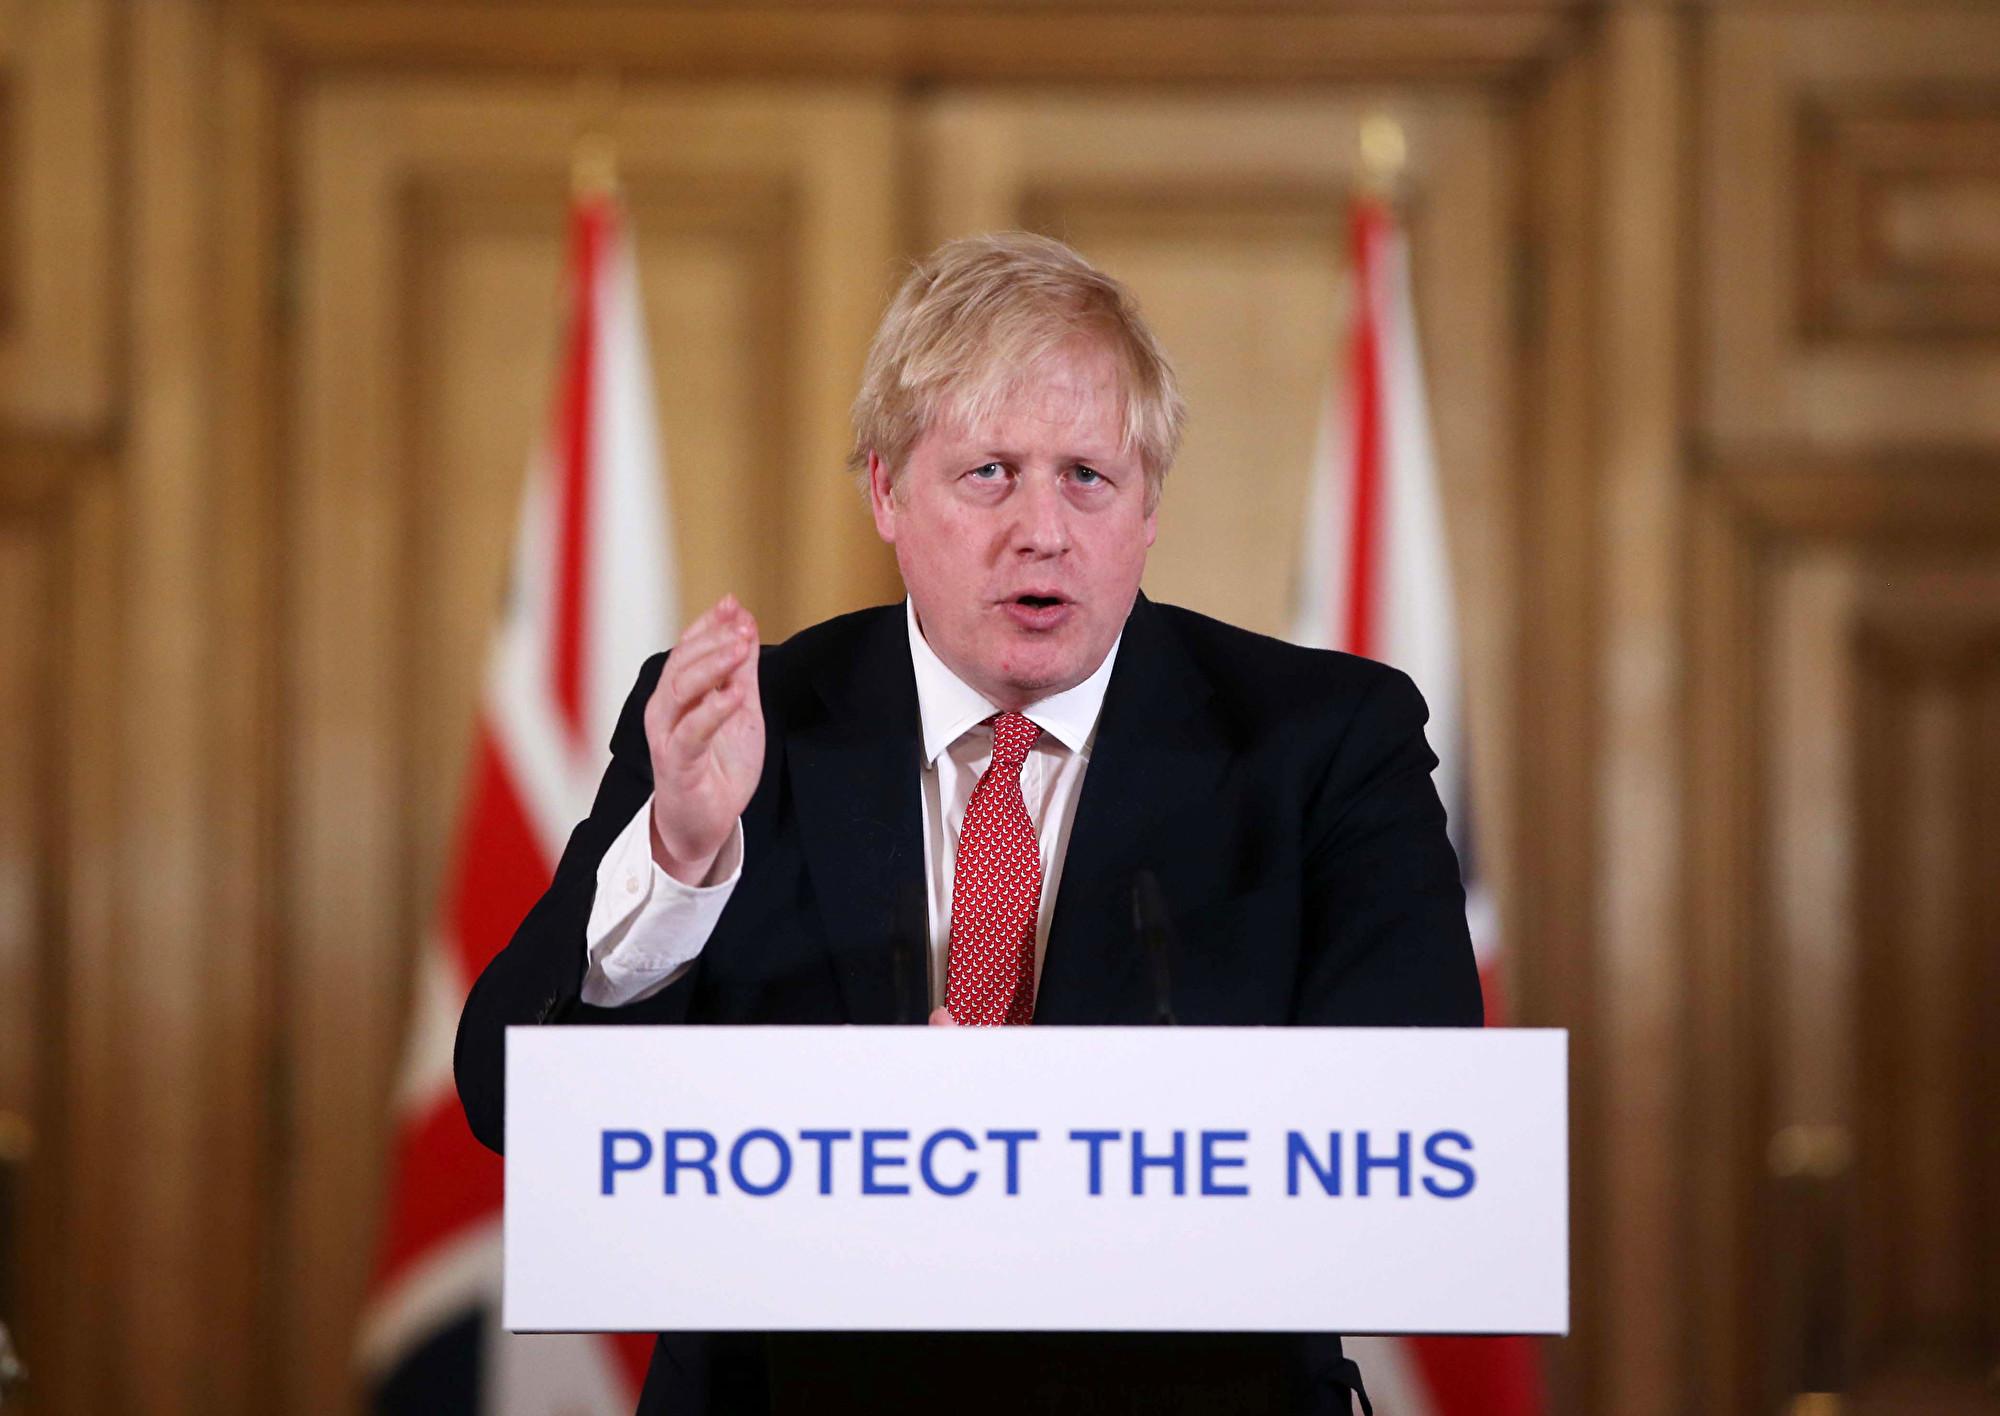 【瘟疫與中共】英首相進深切治療部帶來的深思